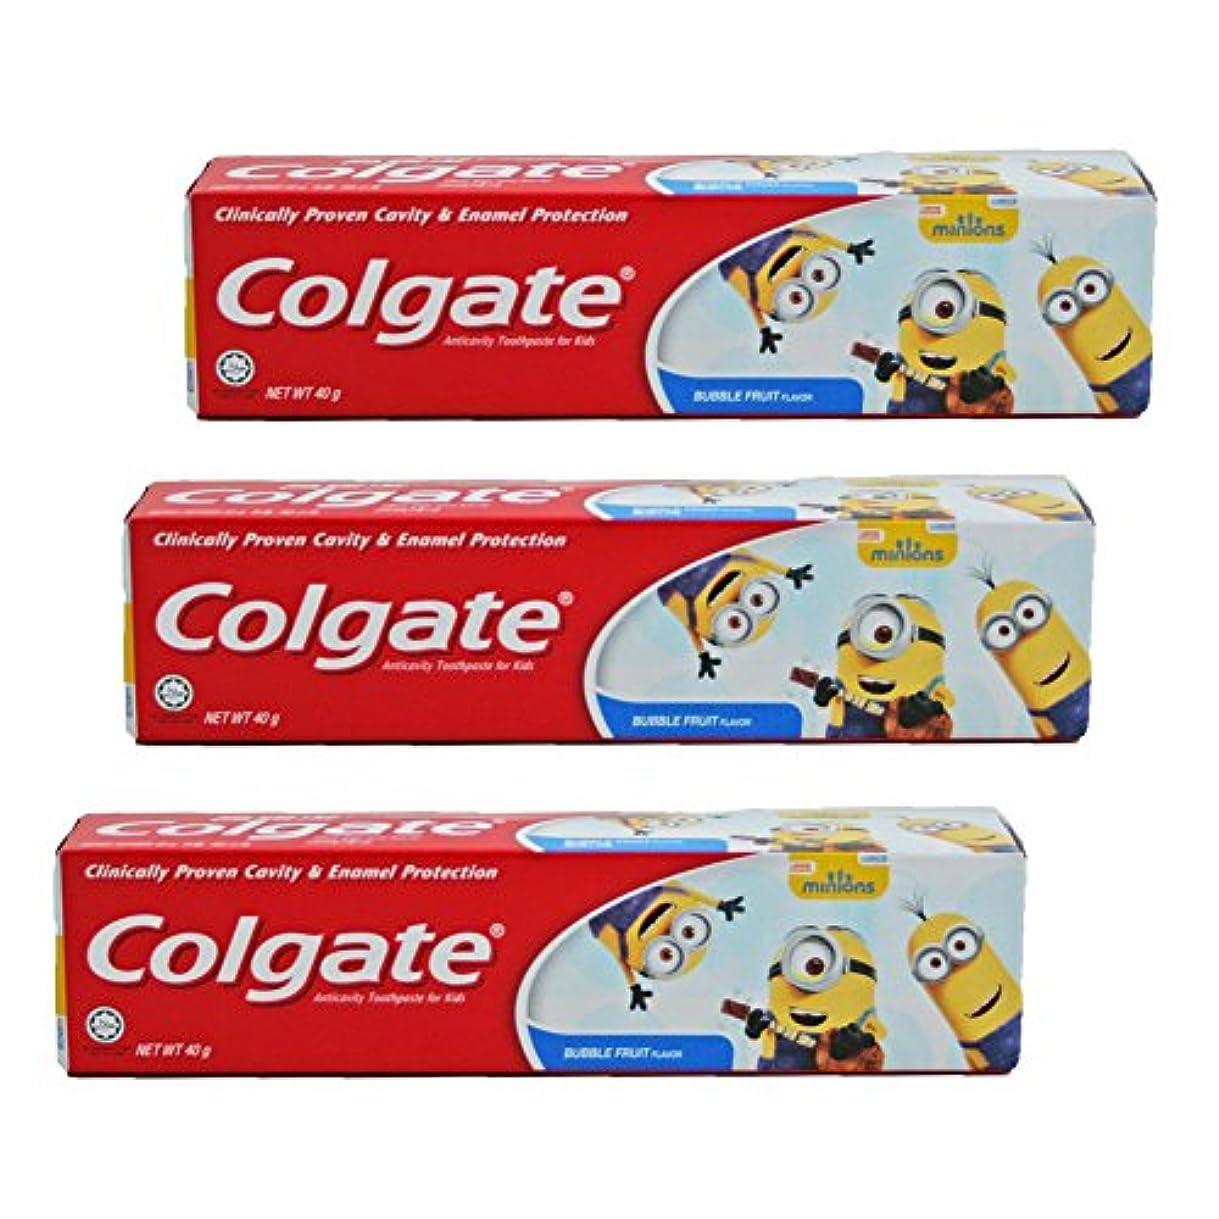 自発風味引き潮コルゲート Colgate 子供用 Kids-BUBBLE FRUIT FLAVOR (ミニオン, 40g) 3個セット [並行輸入品]